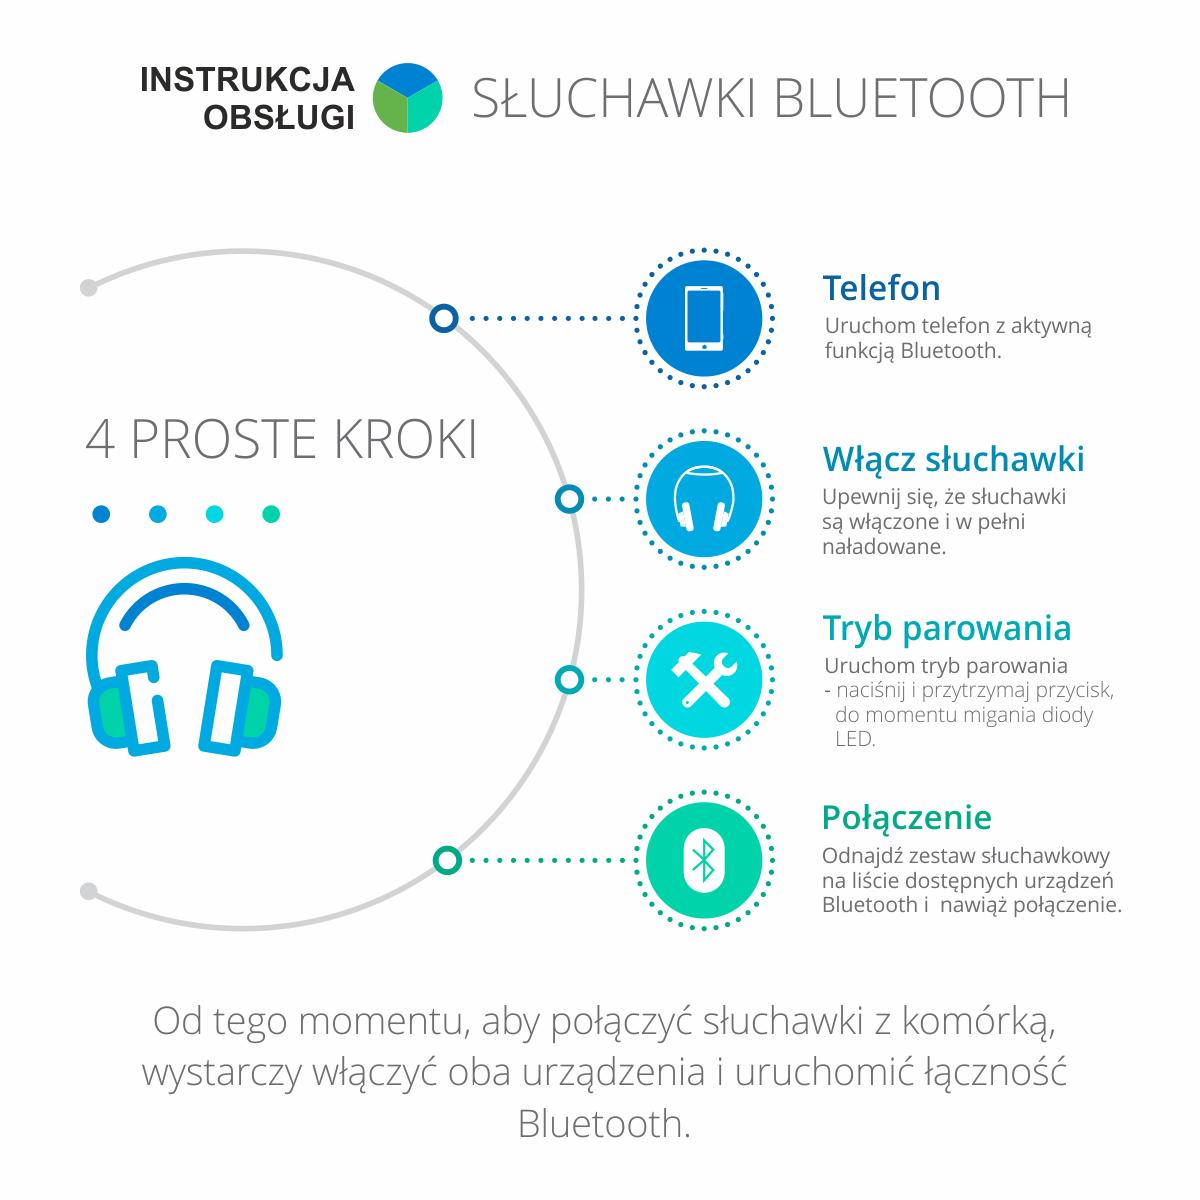 Infografika pokazująca sposób obsługi sprzętu elektronicznego